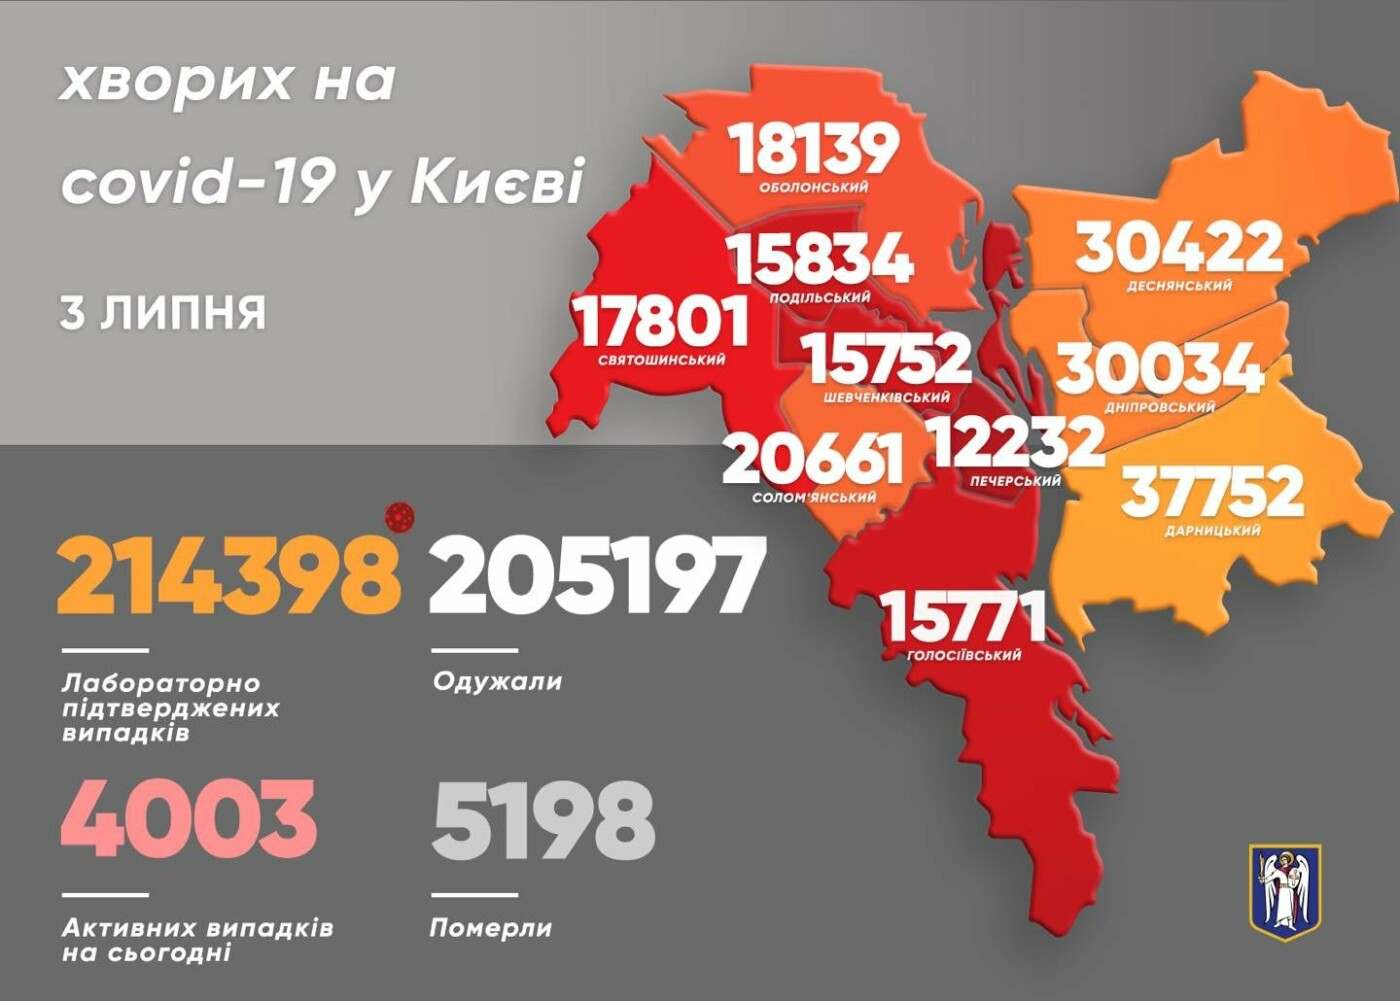 Статистика на 3 июля, Картинка: Виталий Кличко